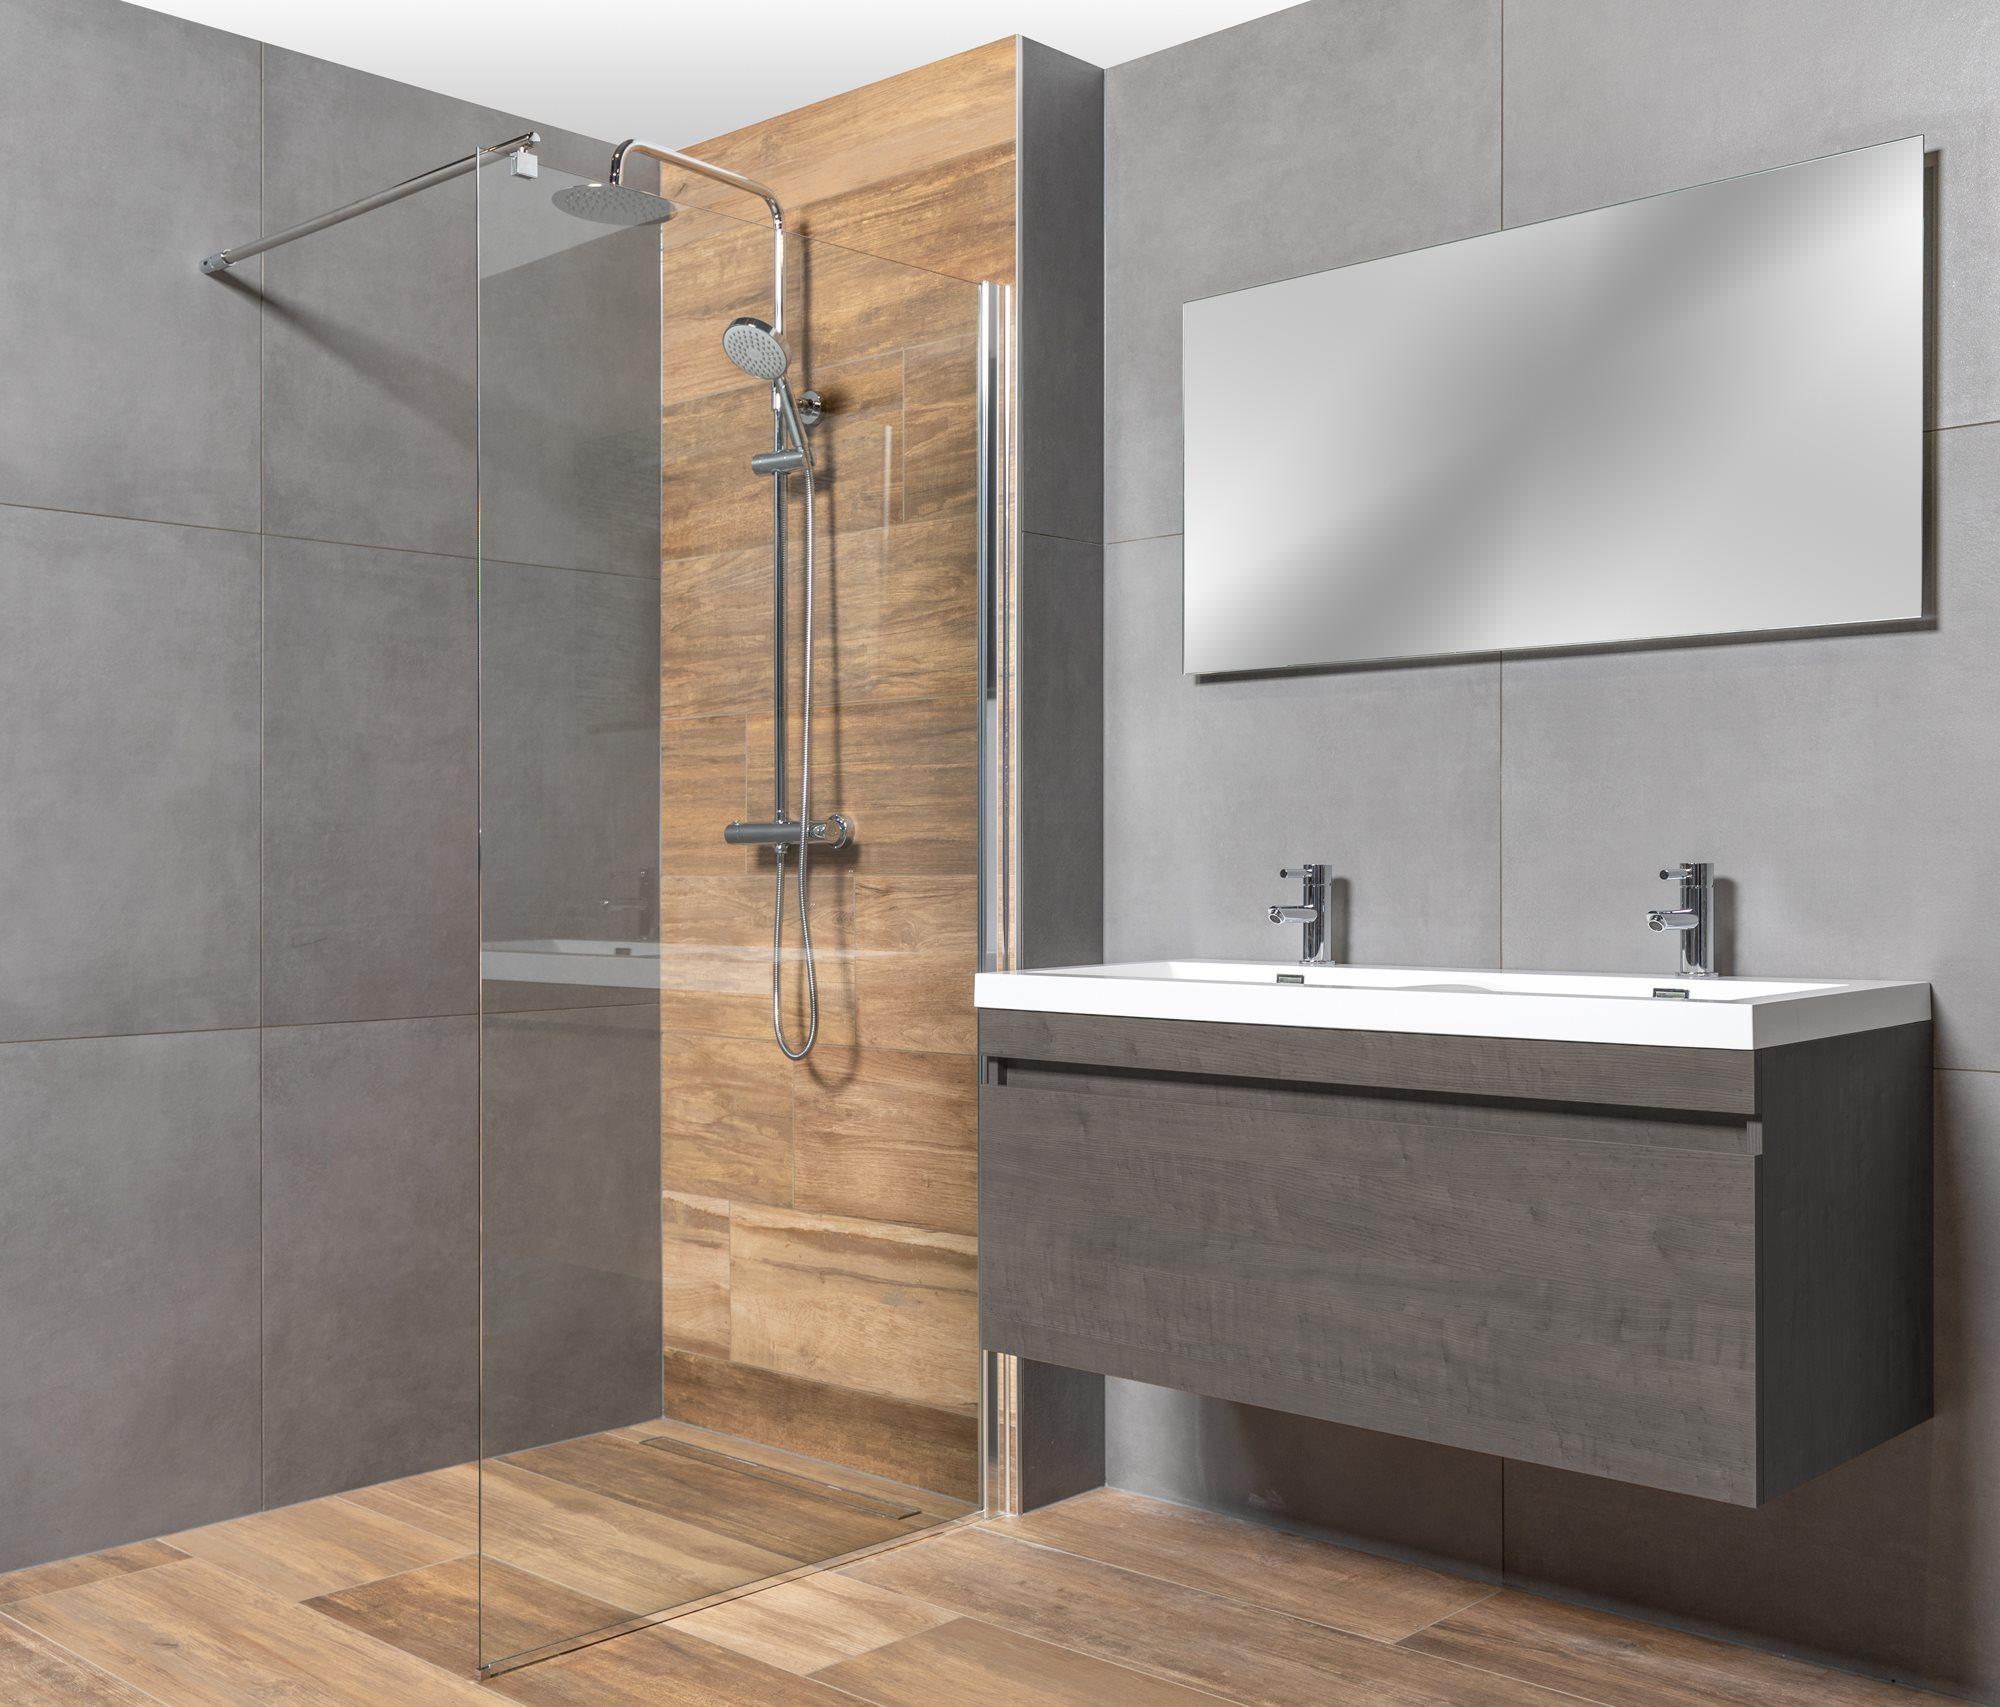 badkamer-houtlook-tegels-grijze-tegels.jpg